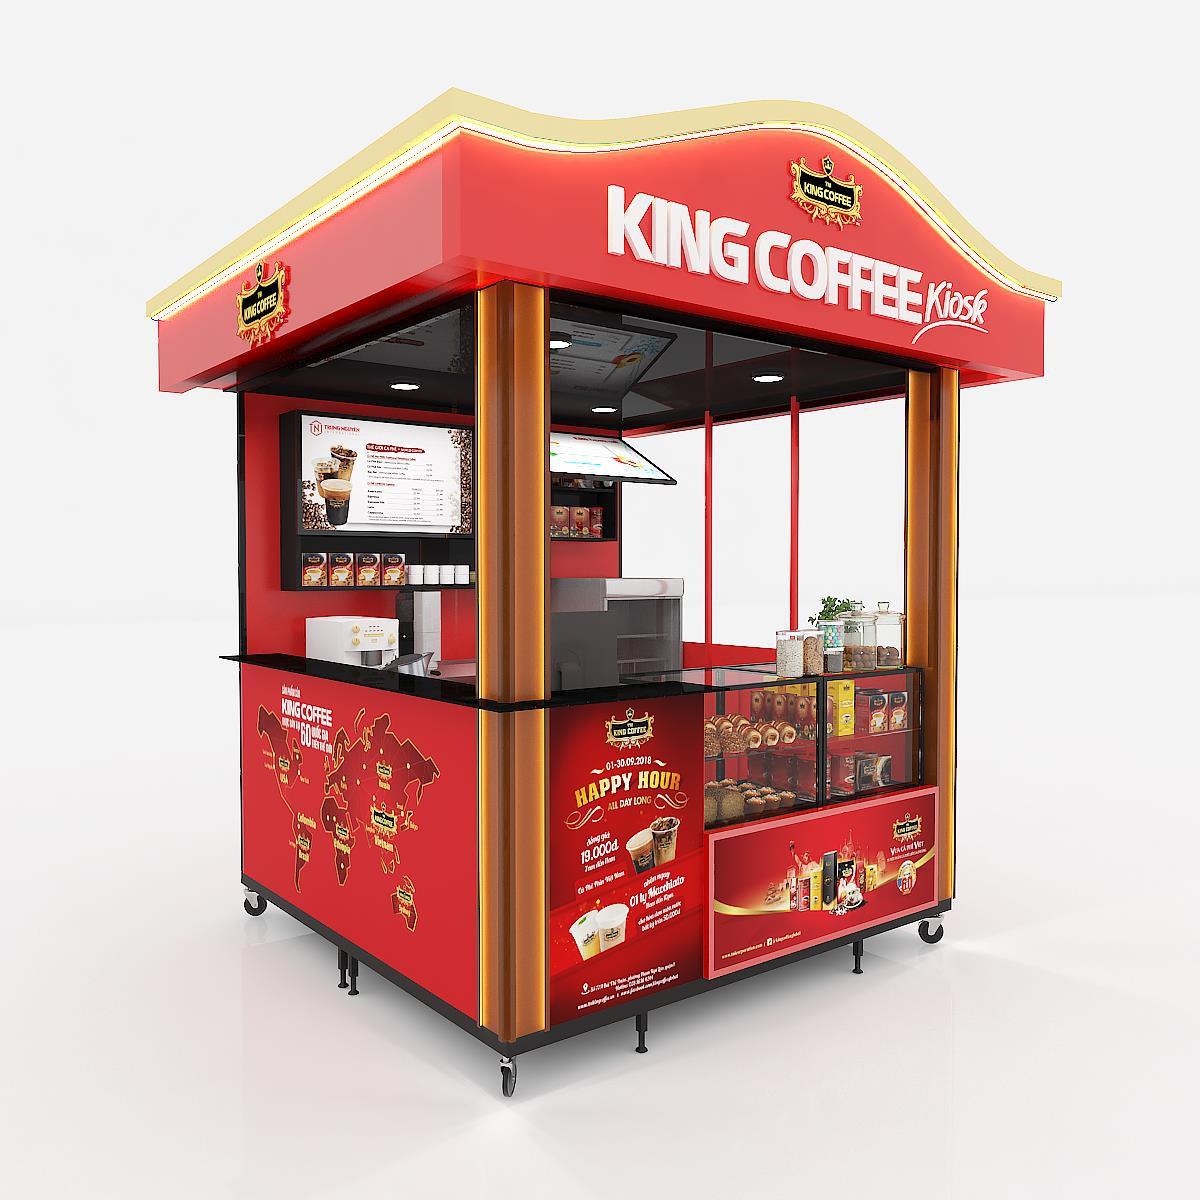 KingCoffeetừng bước ra mắt 3 mô hình cửa hàng tại Việt Nam - Ảnh 5.